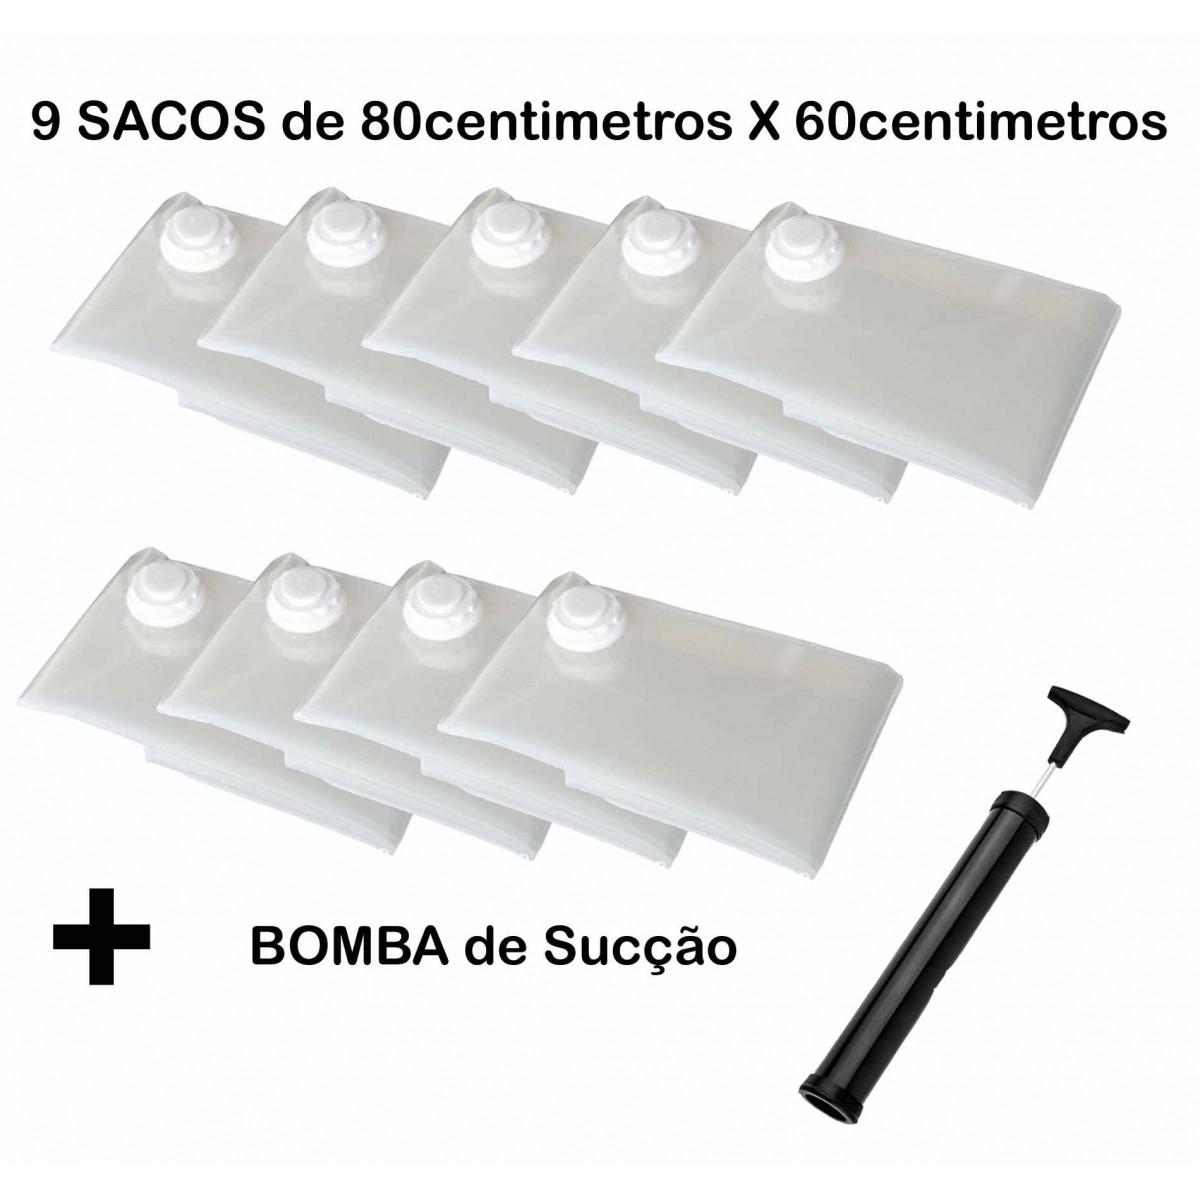 Saco À Vácuo Kit 5 Sacos 80x60cm + 4 Sacos 80x60cm + Bomba